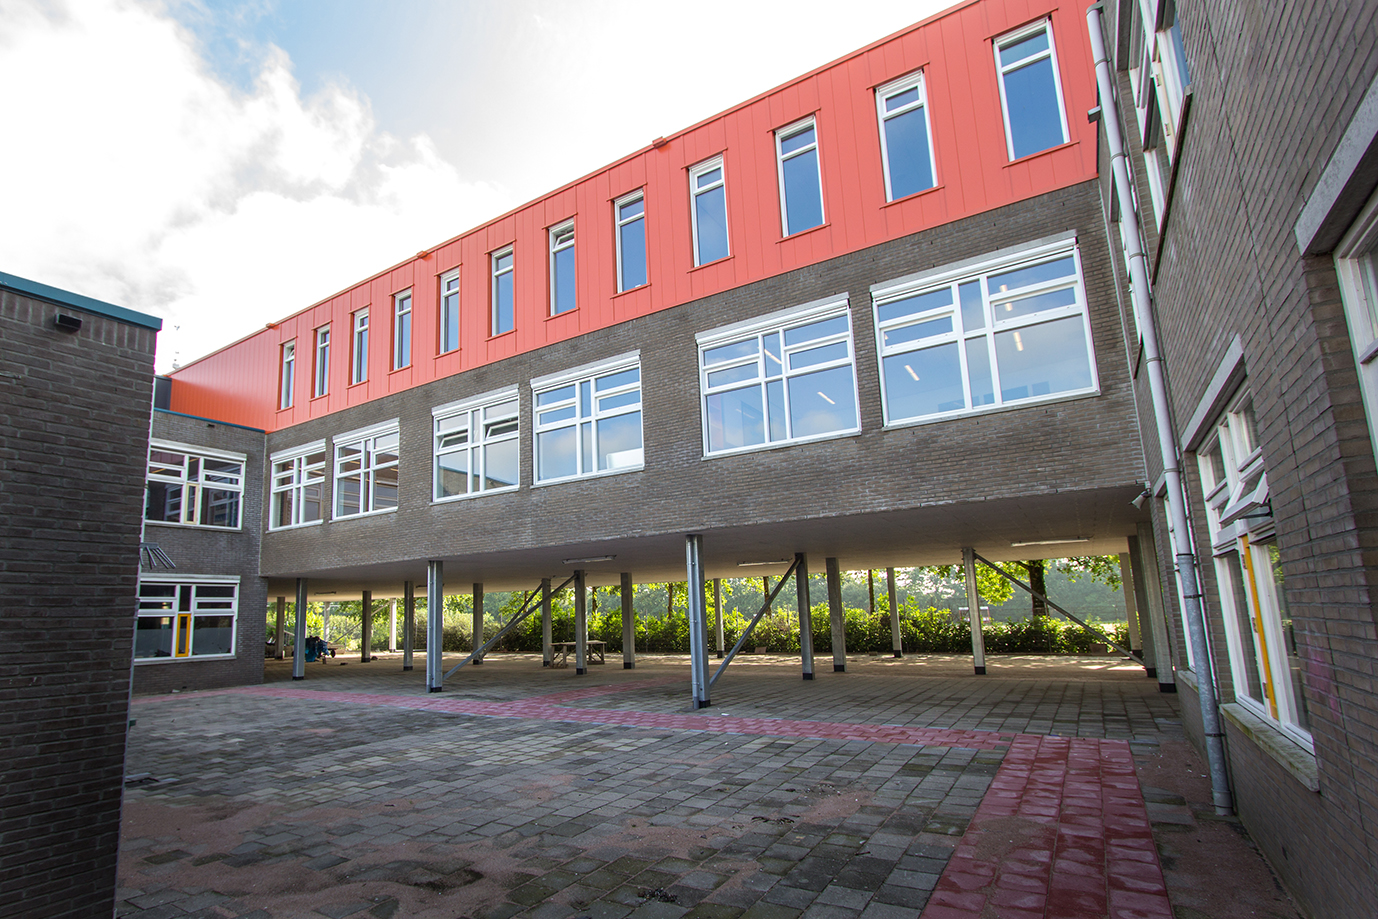 Ooms - Uitbreiding Don Bosco College, Volendam